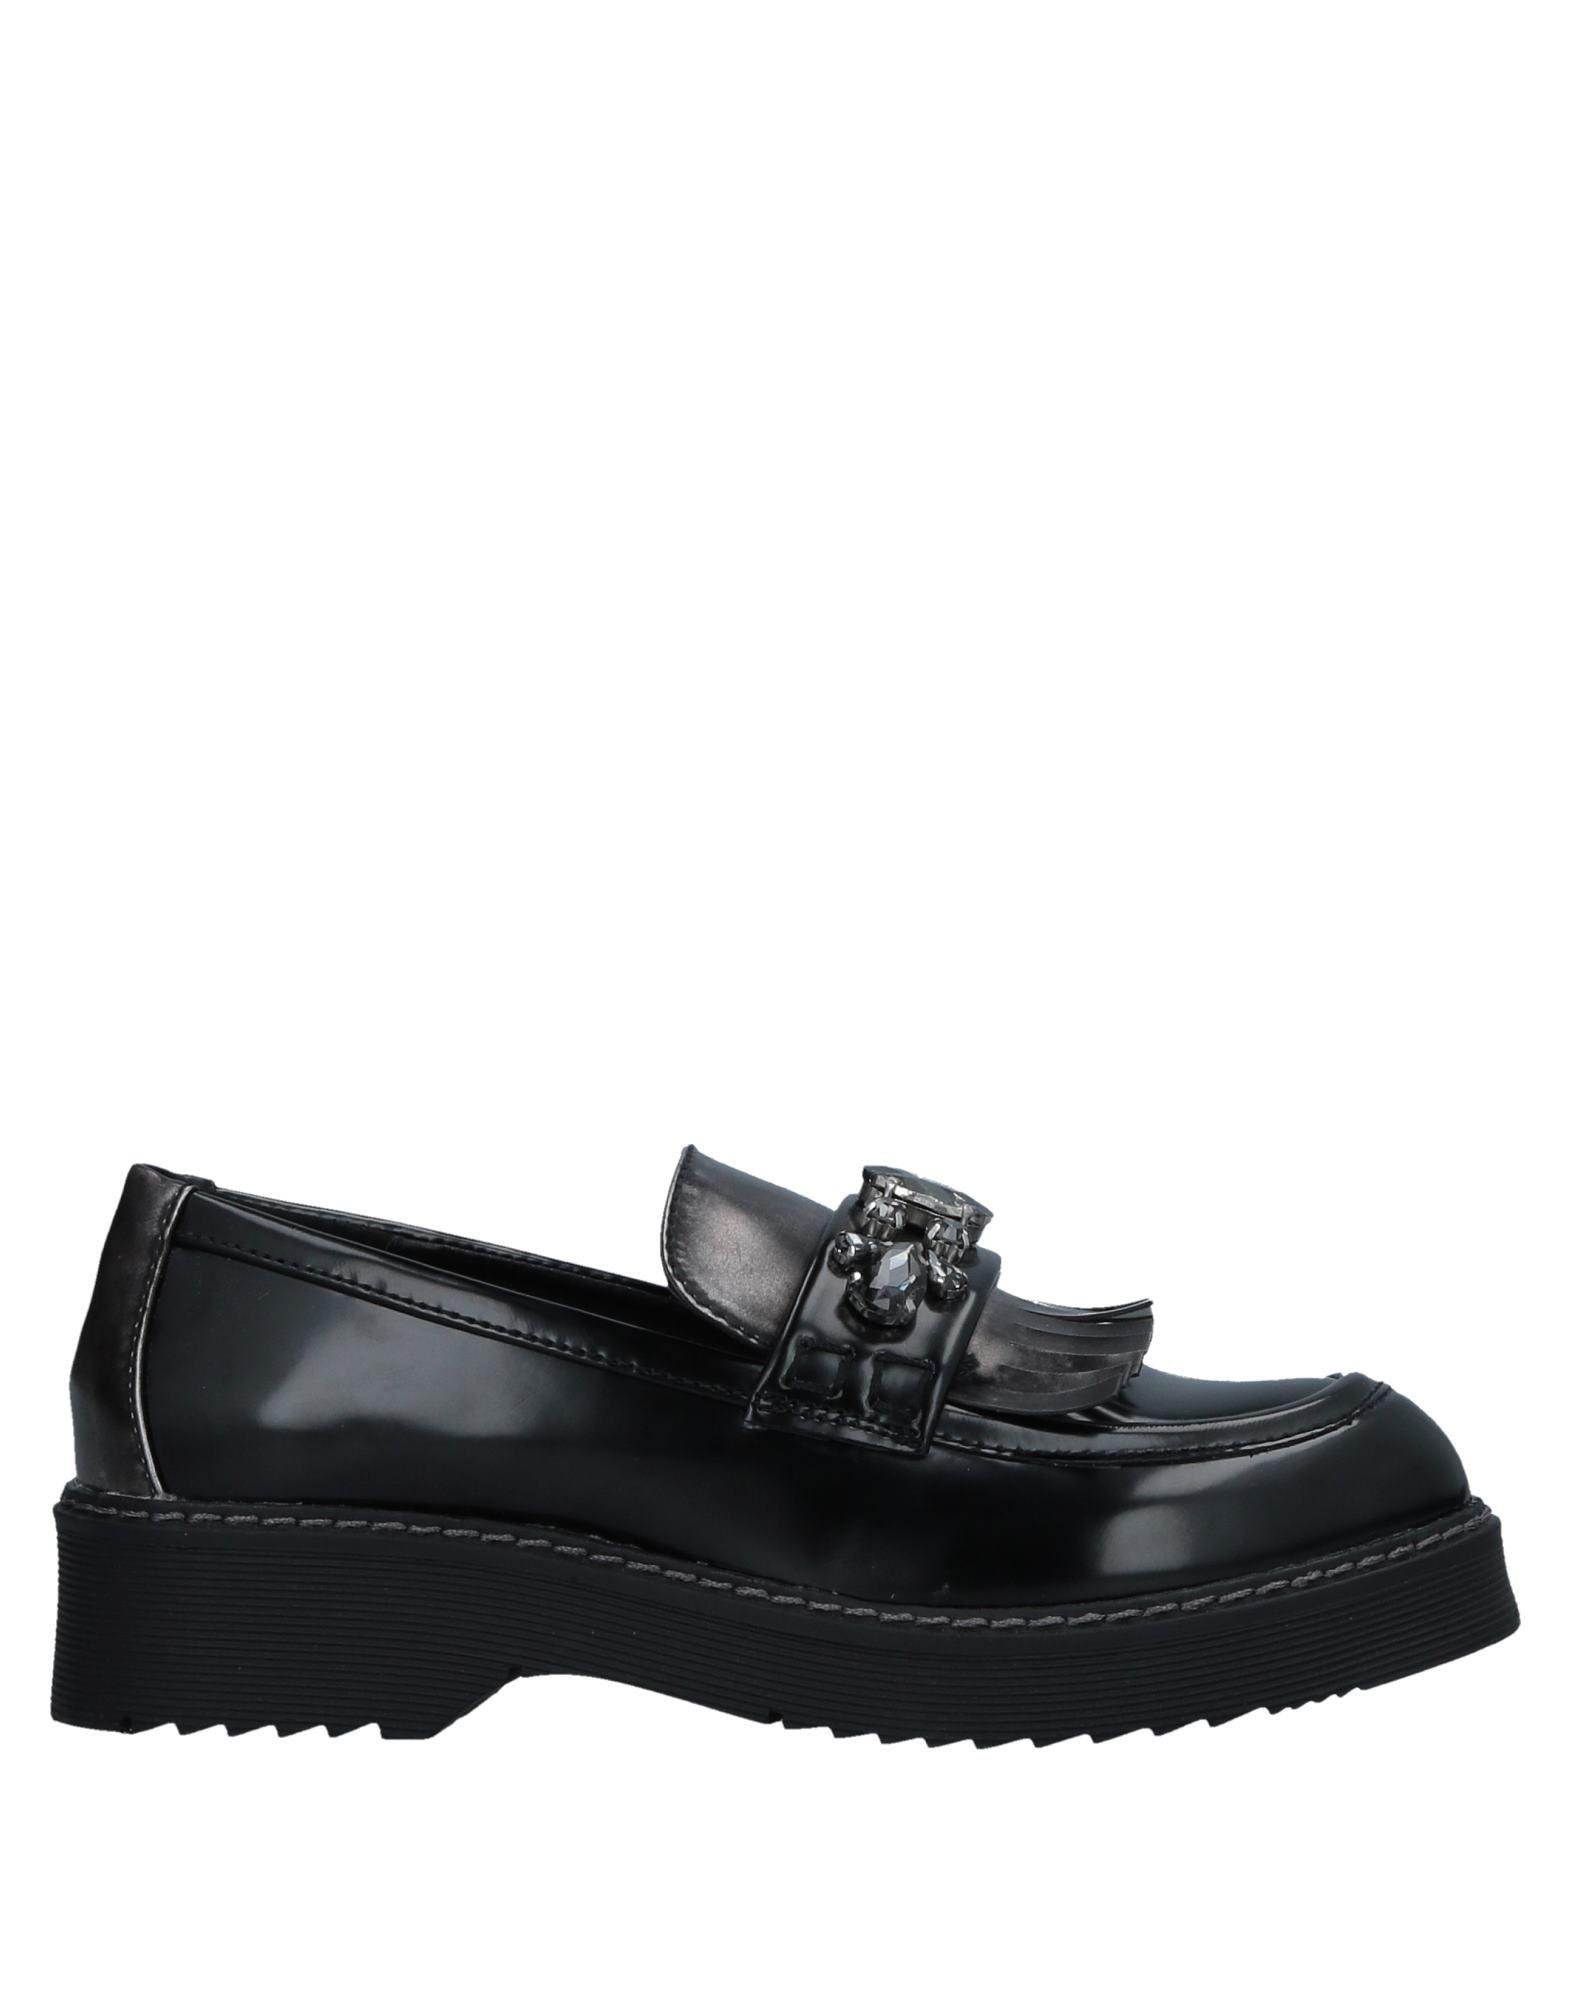 Geneve Mokassins Damen  11533138XU Gute Qualität beliebte Schuhe